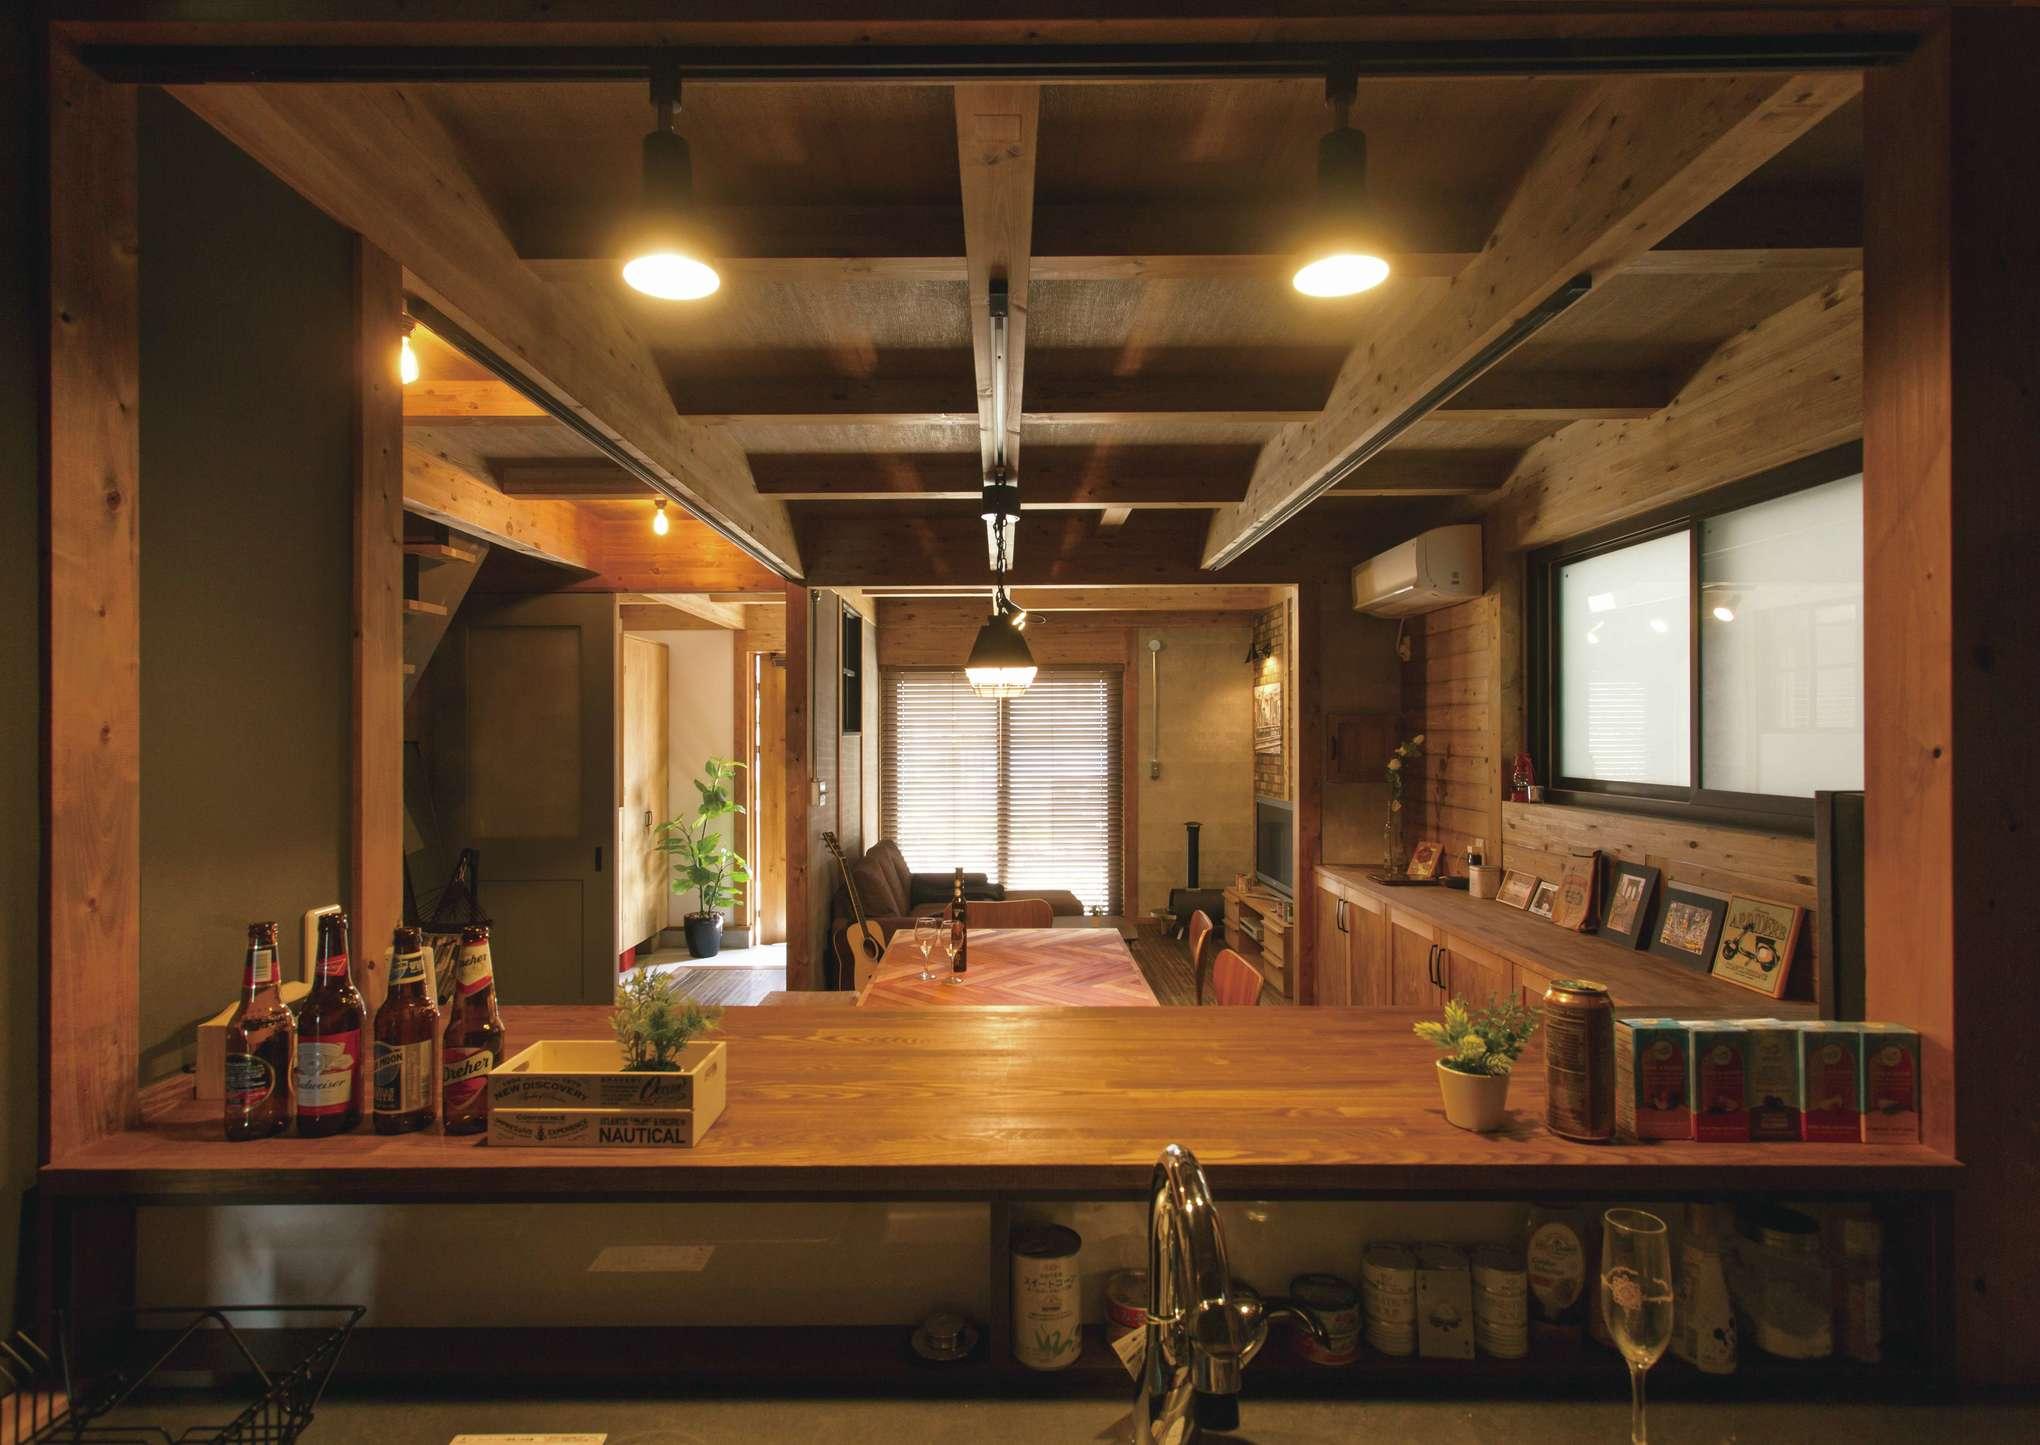 サイエンスホーム【1000万円台、デザイン住宅、間取り】三方向に建物が迫る住宅密集地で、積極的な採光が厳しいため、「夜」に映える空間づくりを目指した